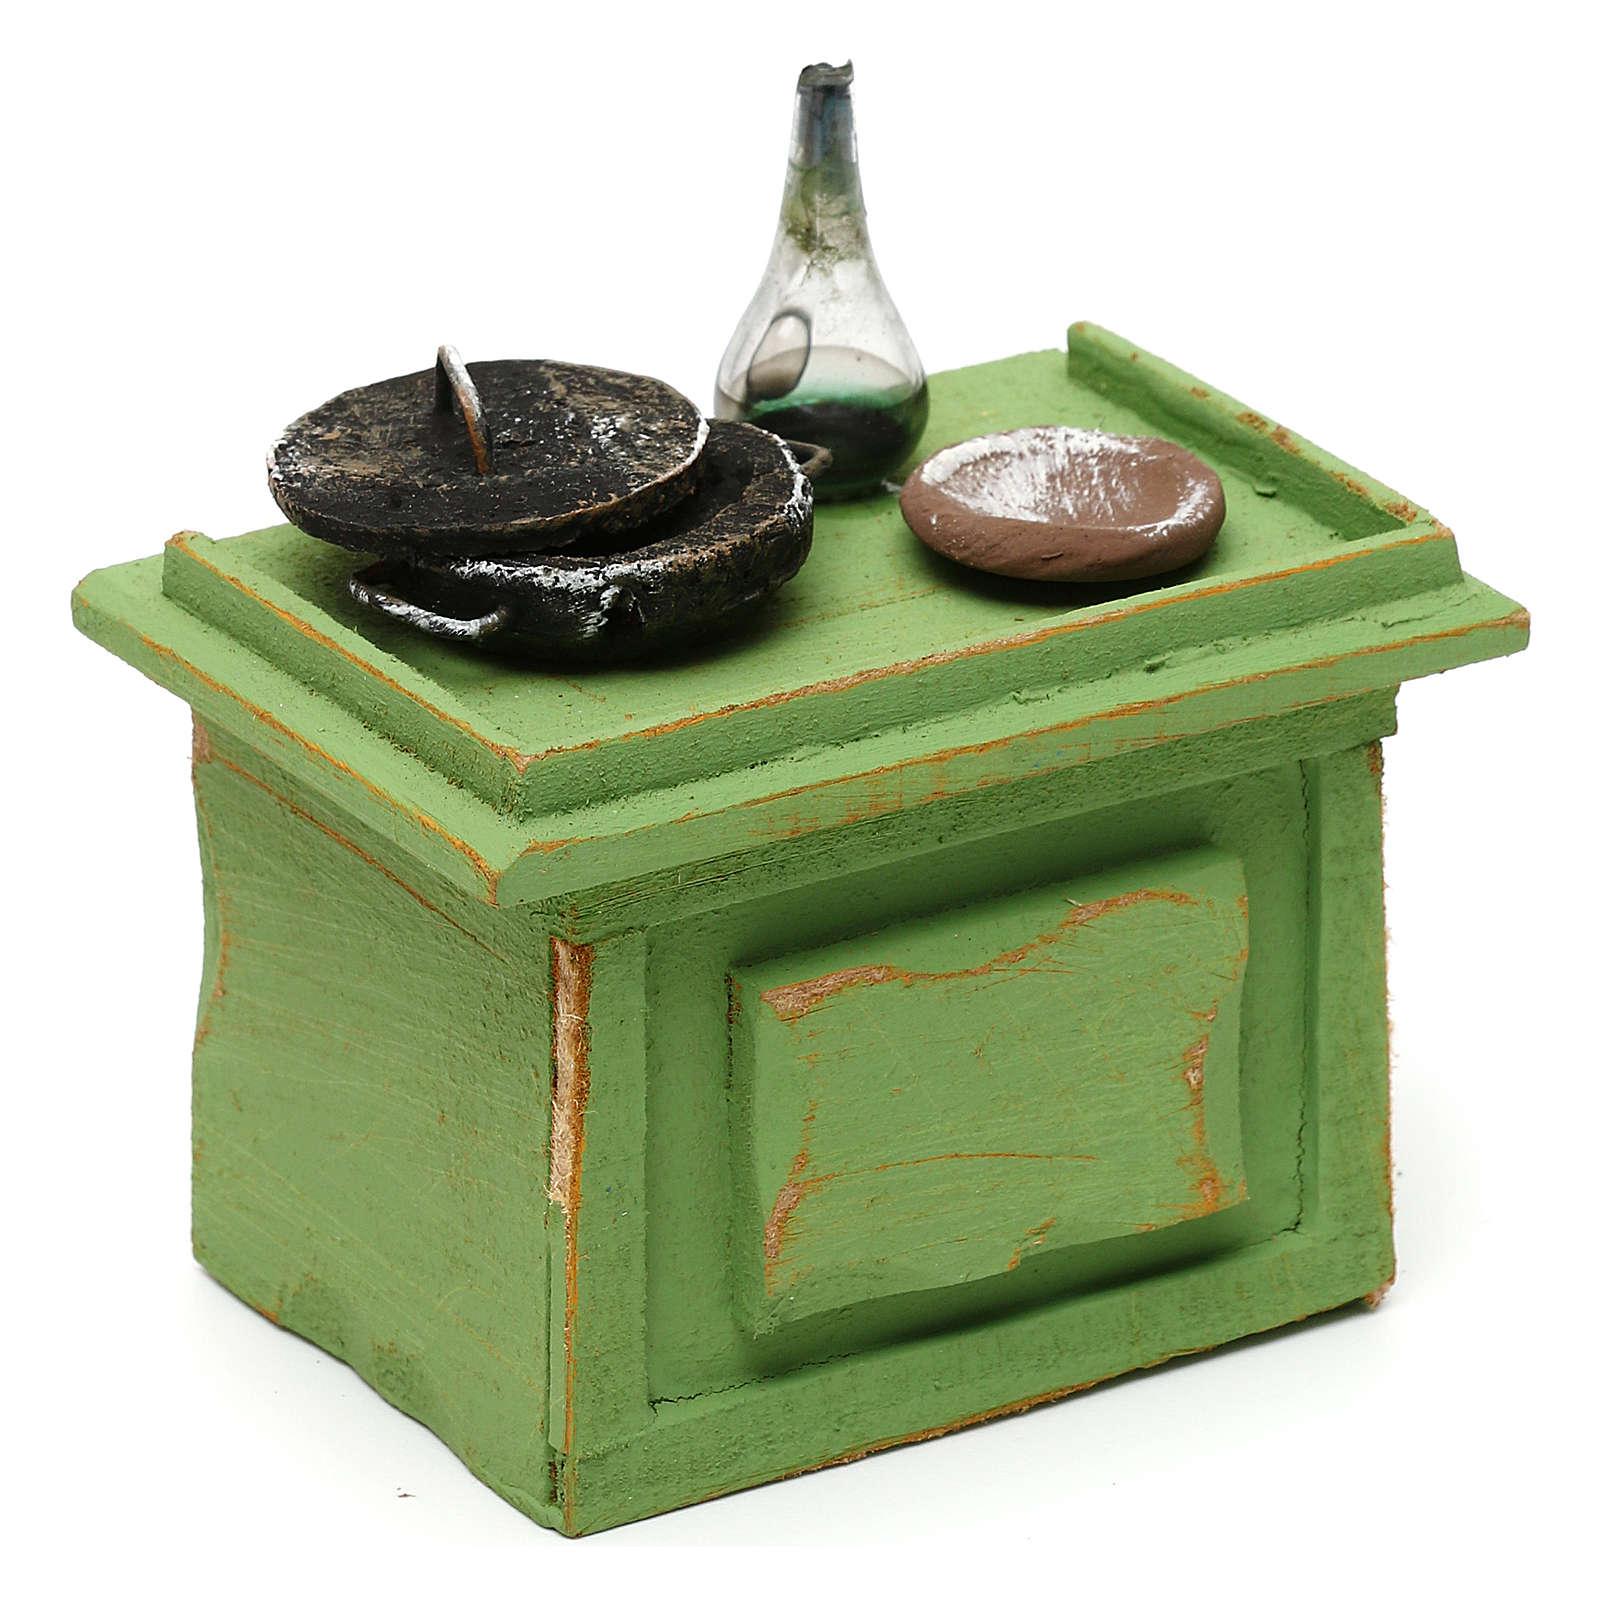 Mostrador verde tienda con accesorios 10x10x5 cm para belenes de 10 cm 4